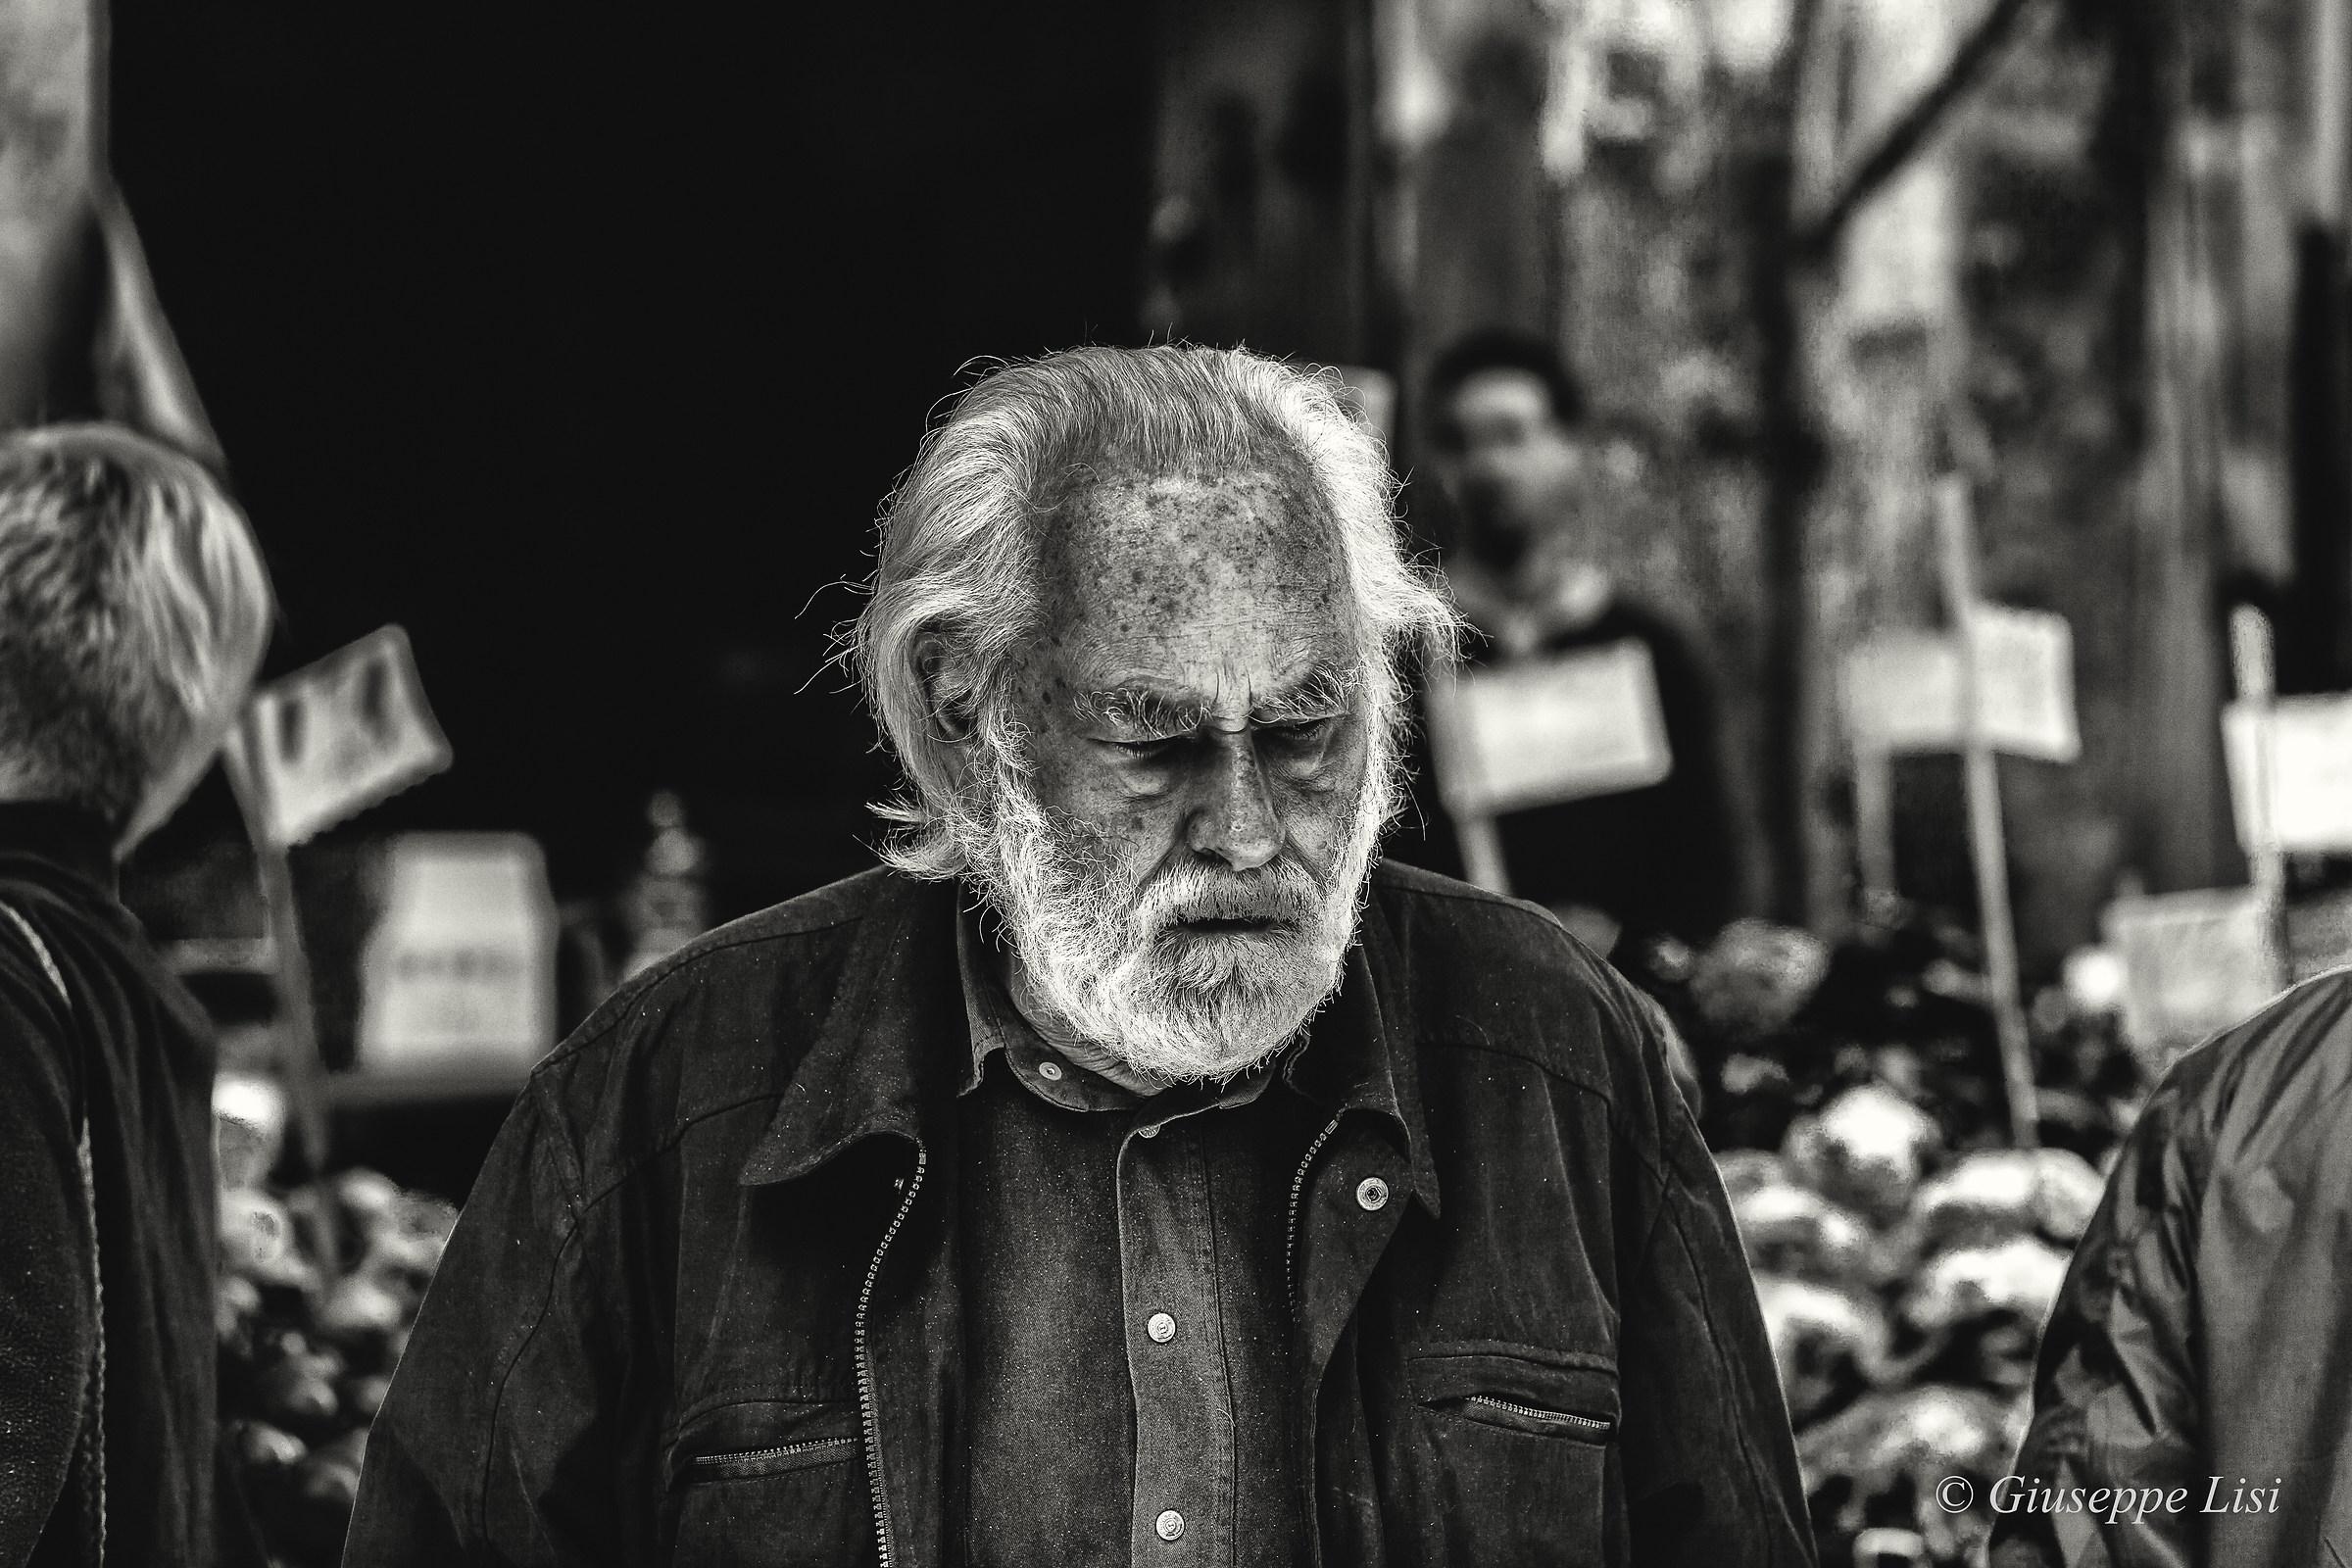 Un vecchio bianco per antico pelo...